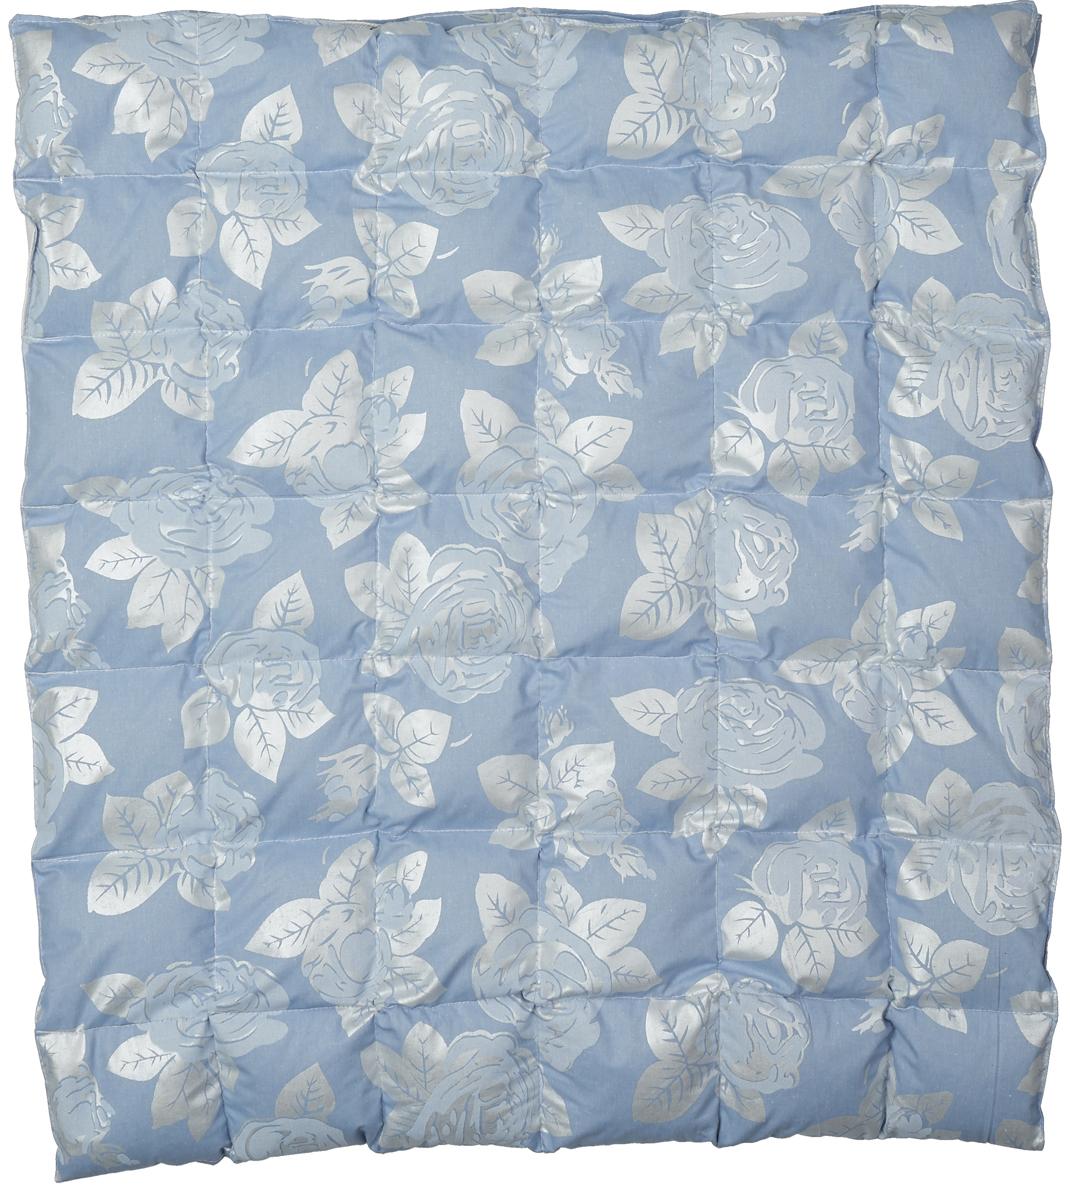 Наматрасник Bio-Textiles, наполнитель: лузга гречихи, 90 х 195 см здоровье ваших ног стельки трехслойные противогрибковые с лузгой гречихи р 25 25 5 арт н810